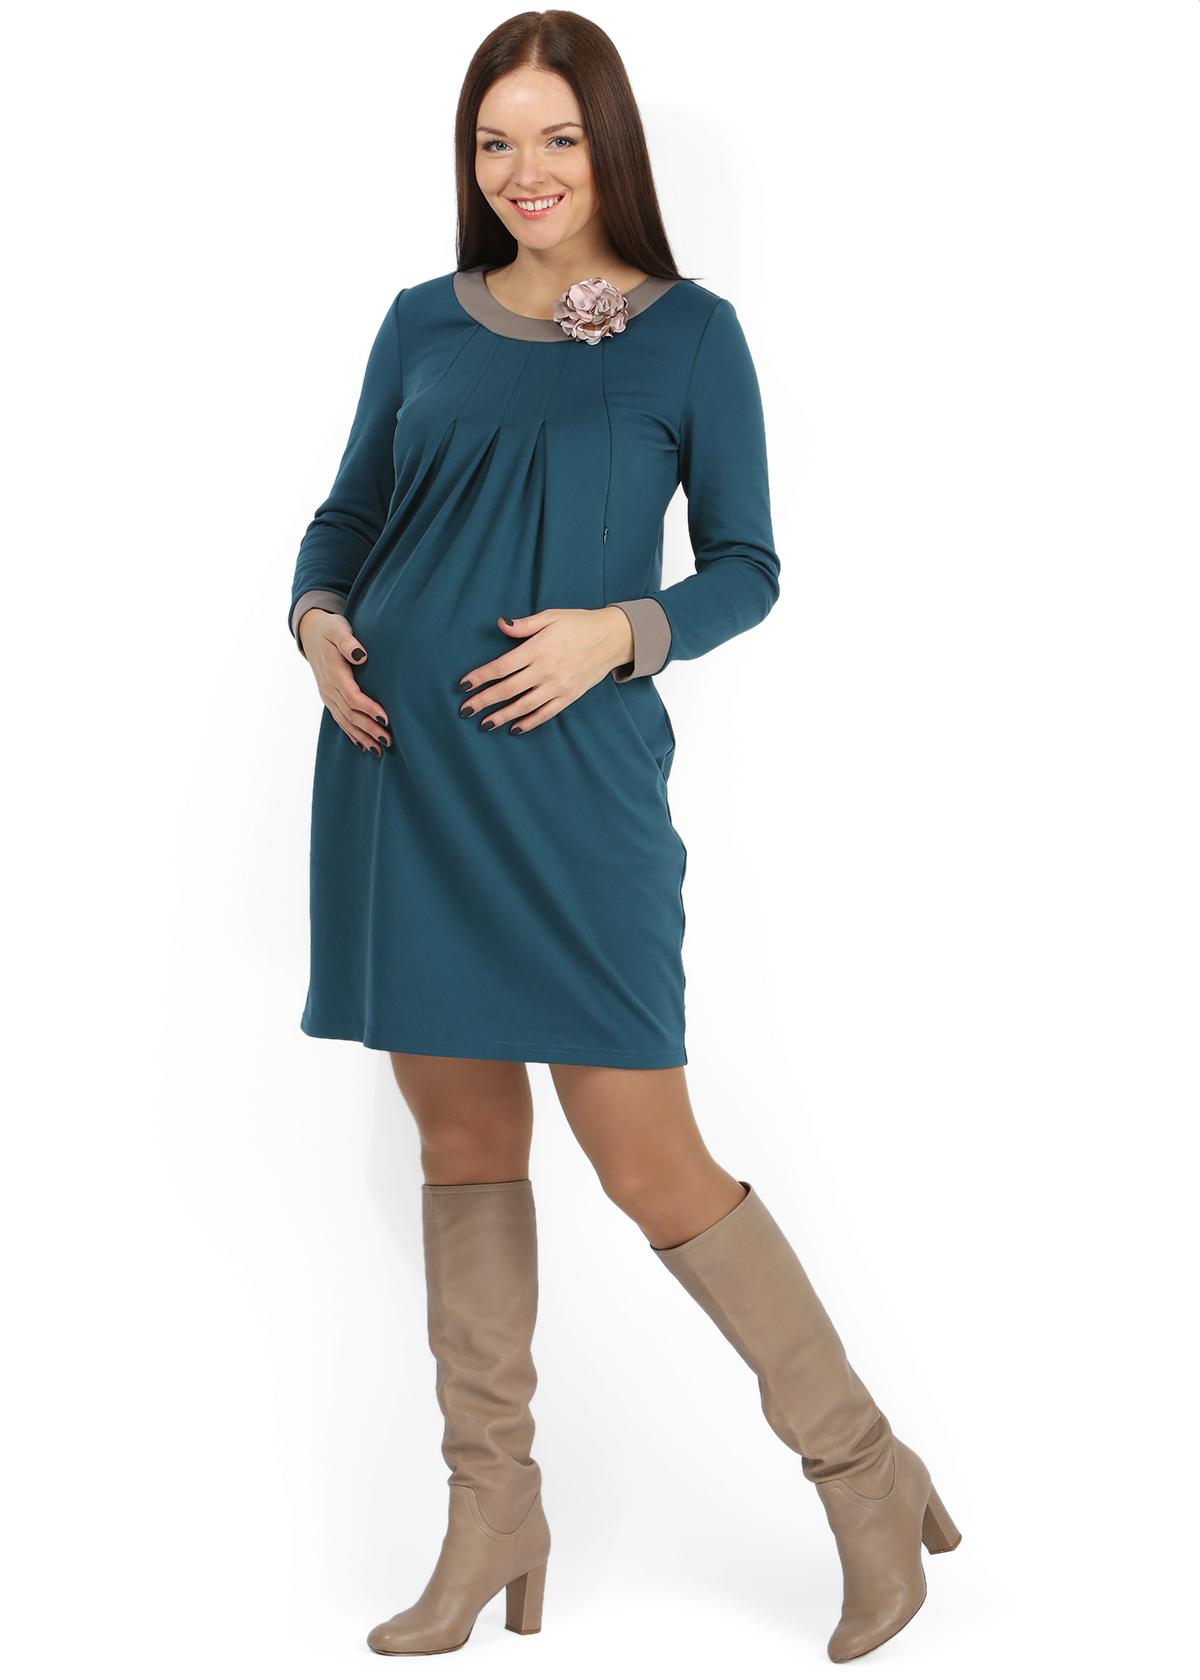 Платье «Франка» для беременных и кормления грудью, Новинки одежды для  беременных и кормящих 890d4648cb5